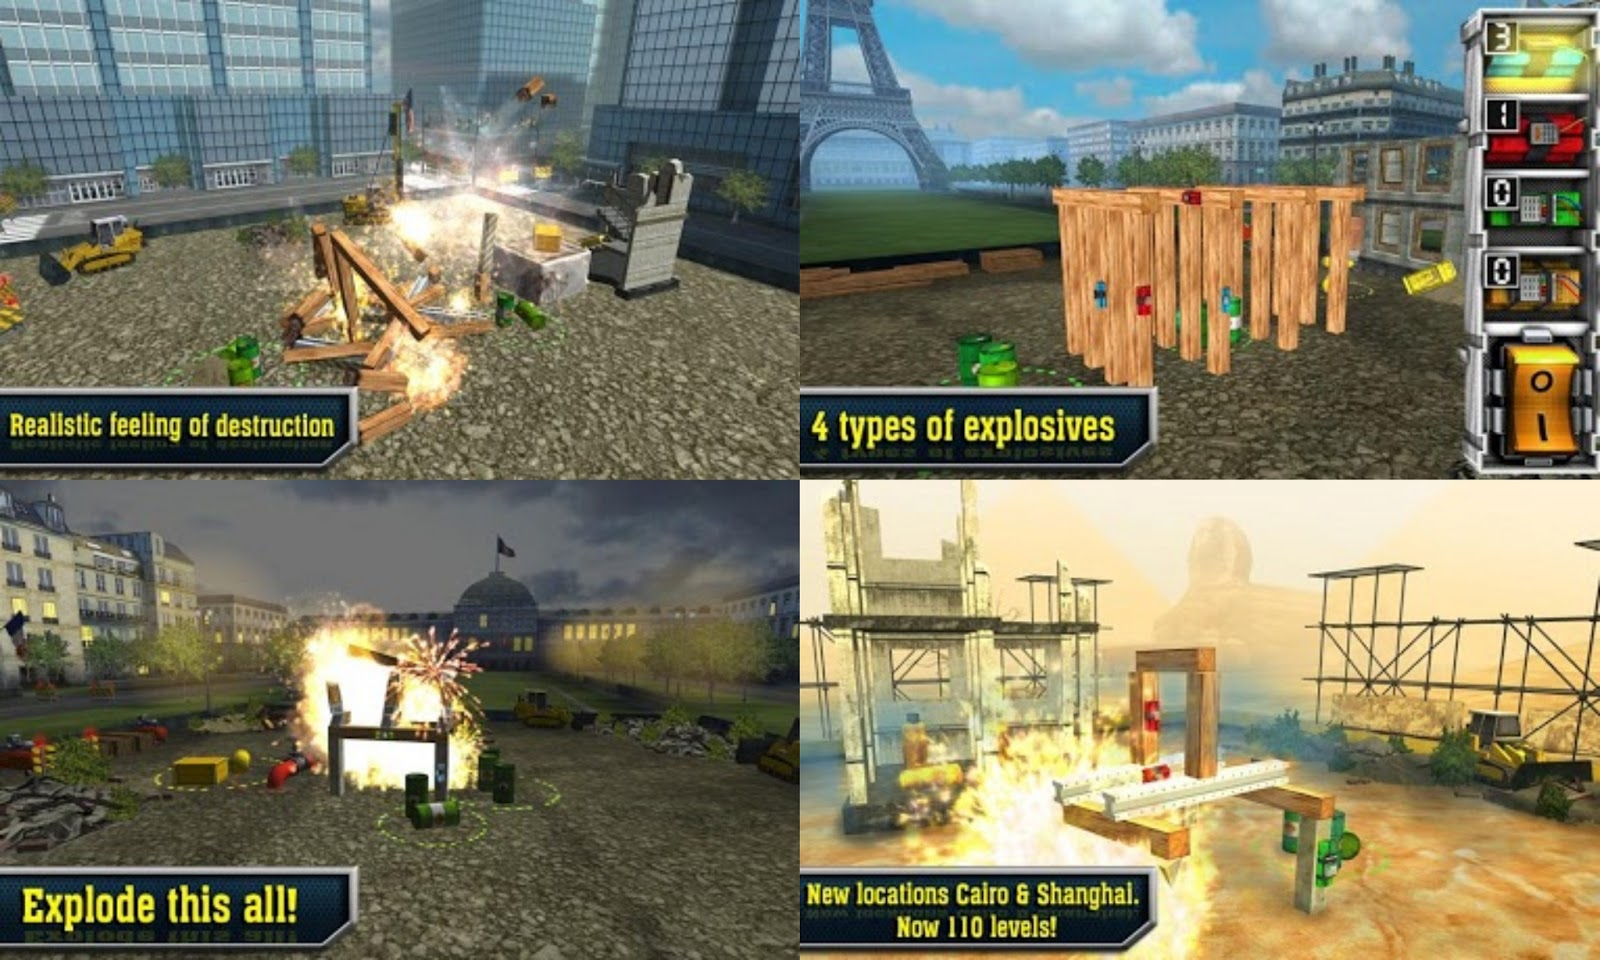 Download Game Megapolis Offline Apk | Download Full APK Games & Apps